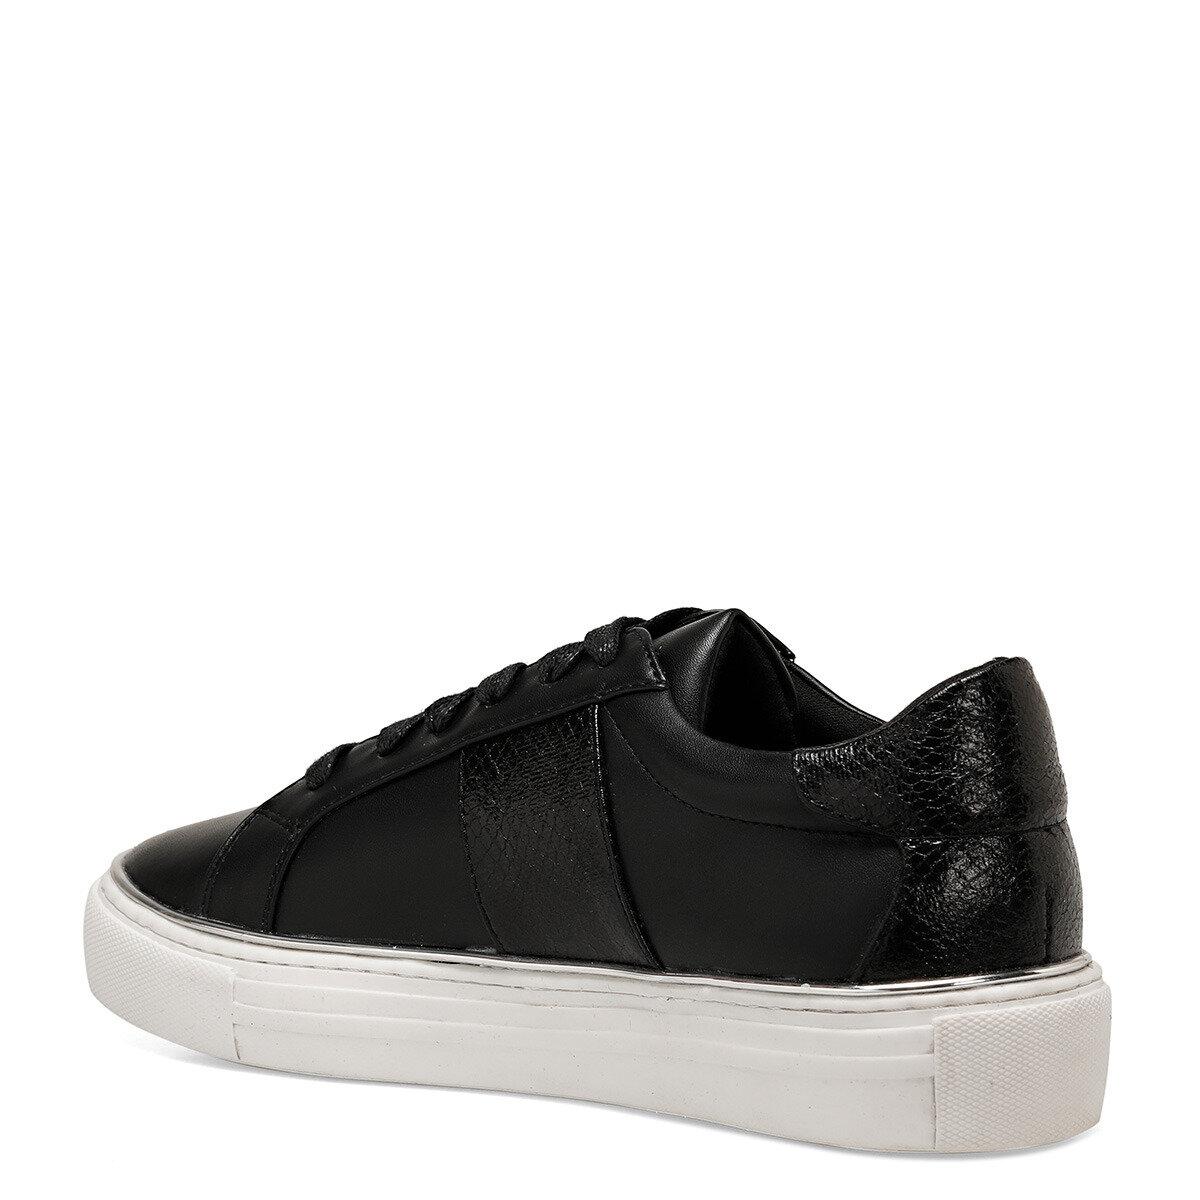 MADDY Siyah Kadın Spor Ayakkabı